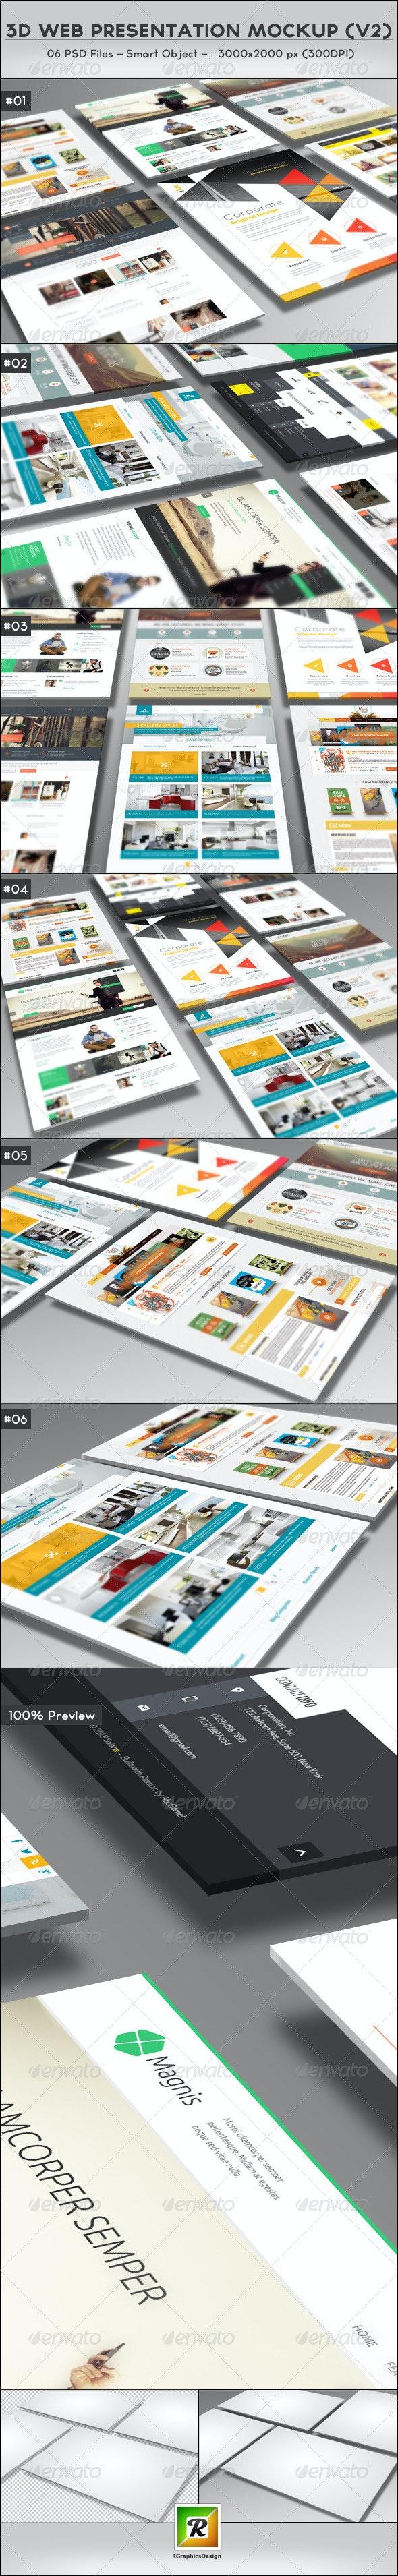 3D Web Presentation Mockup (V2) - Website Displays